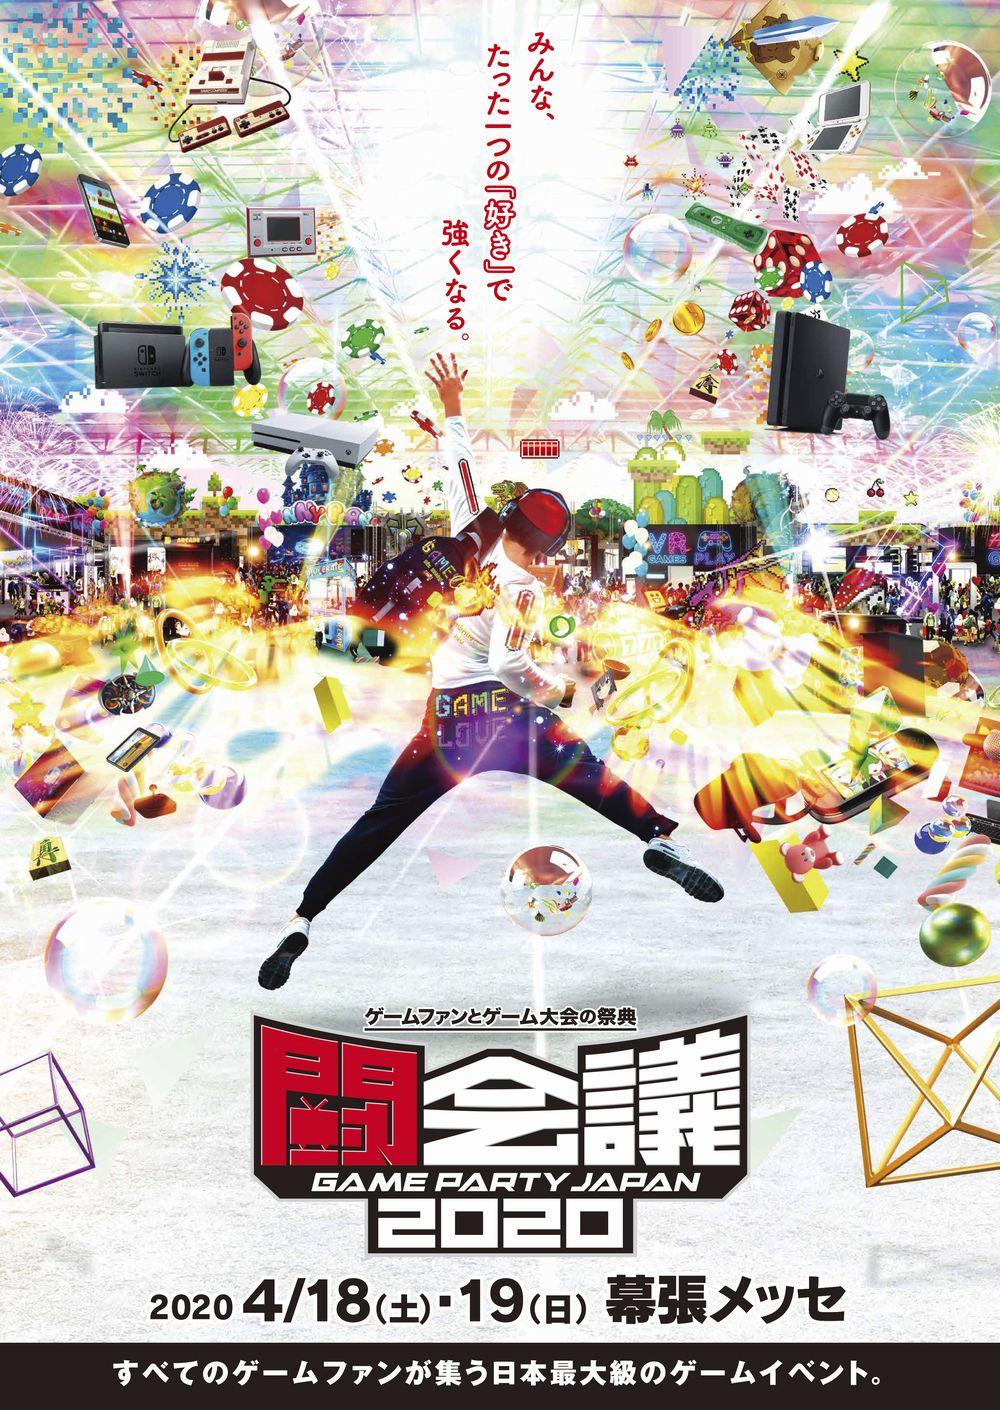 「ニコニコ超会議 2020」×「闘会議 2020」が4月に同時開催!チケットの販売が開始